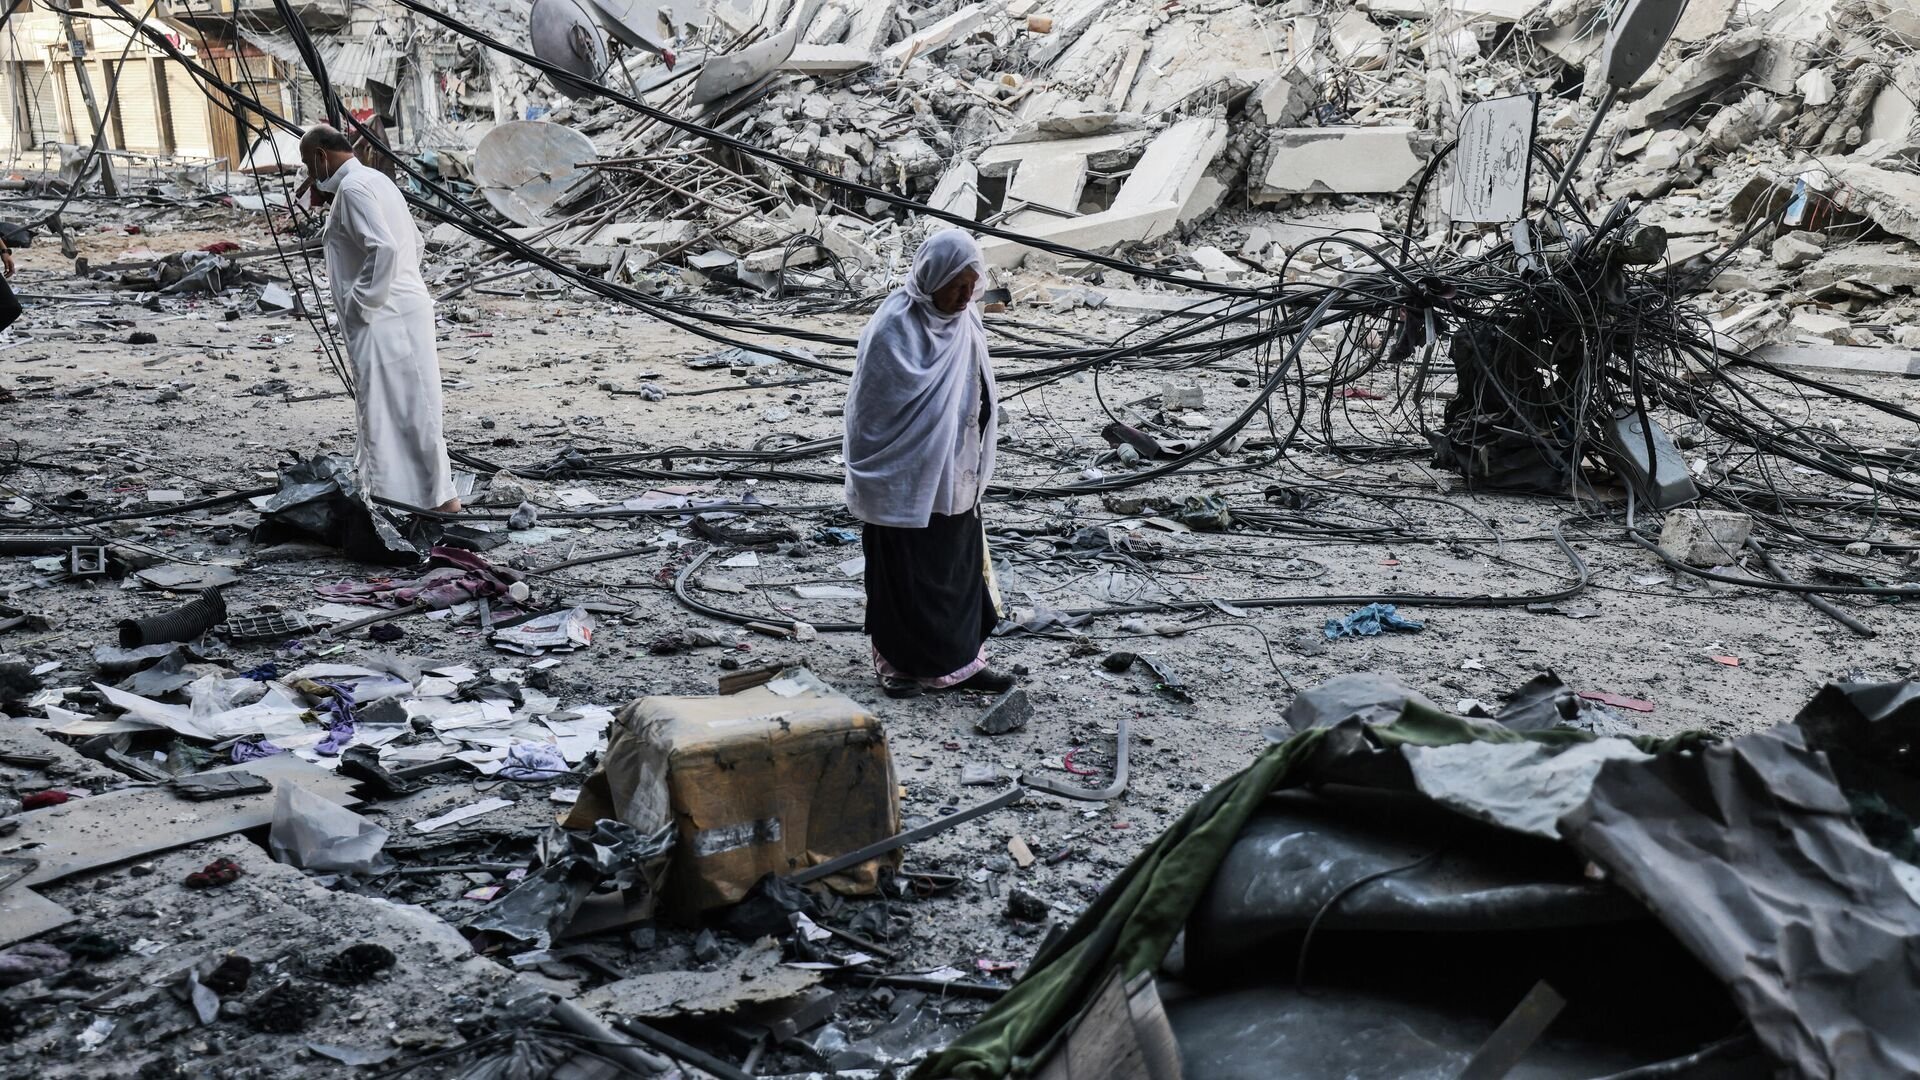 Последствия израильских воздушных ударов в Газе - РИА Новости, 1920, 13.05.2021